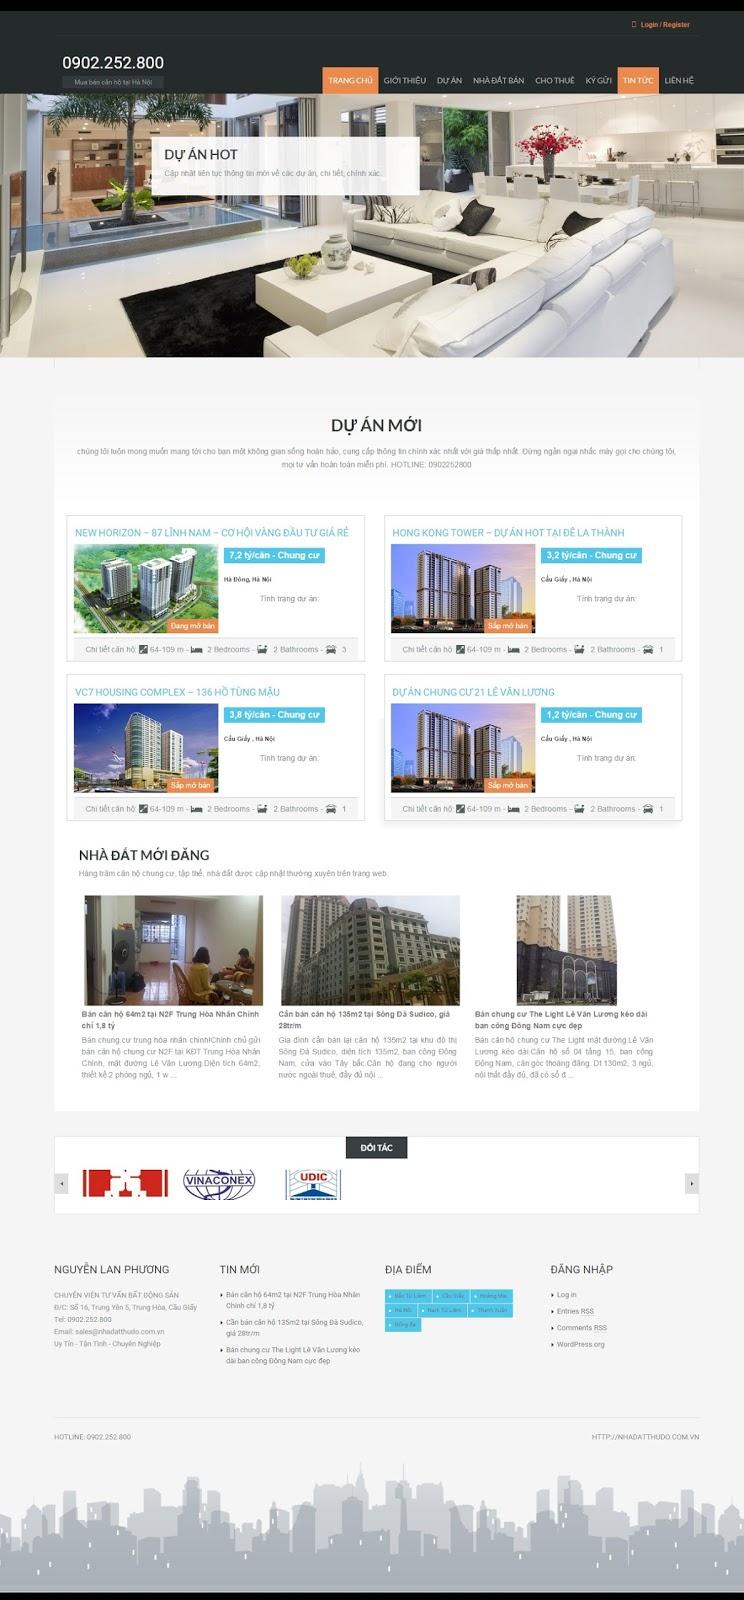 BLOG-04 Mẫu blogger bất động sản đẹp và chuyên nghiệp